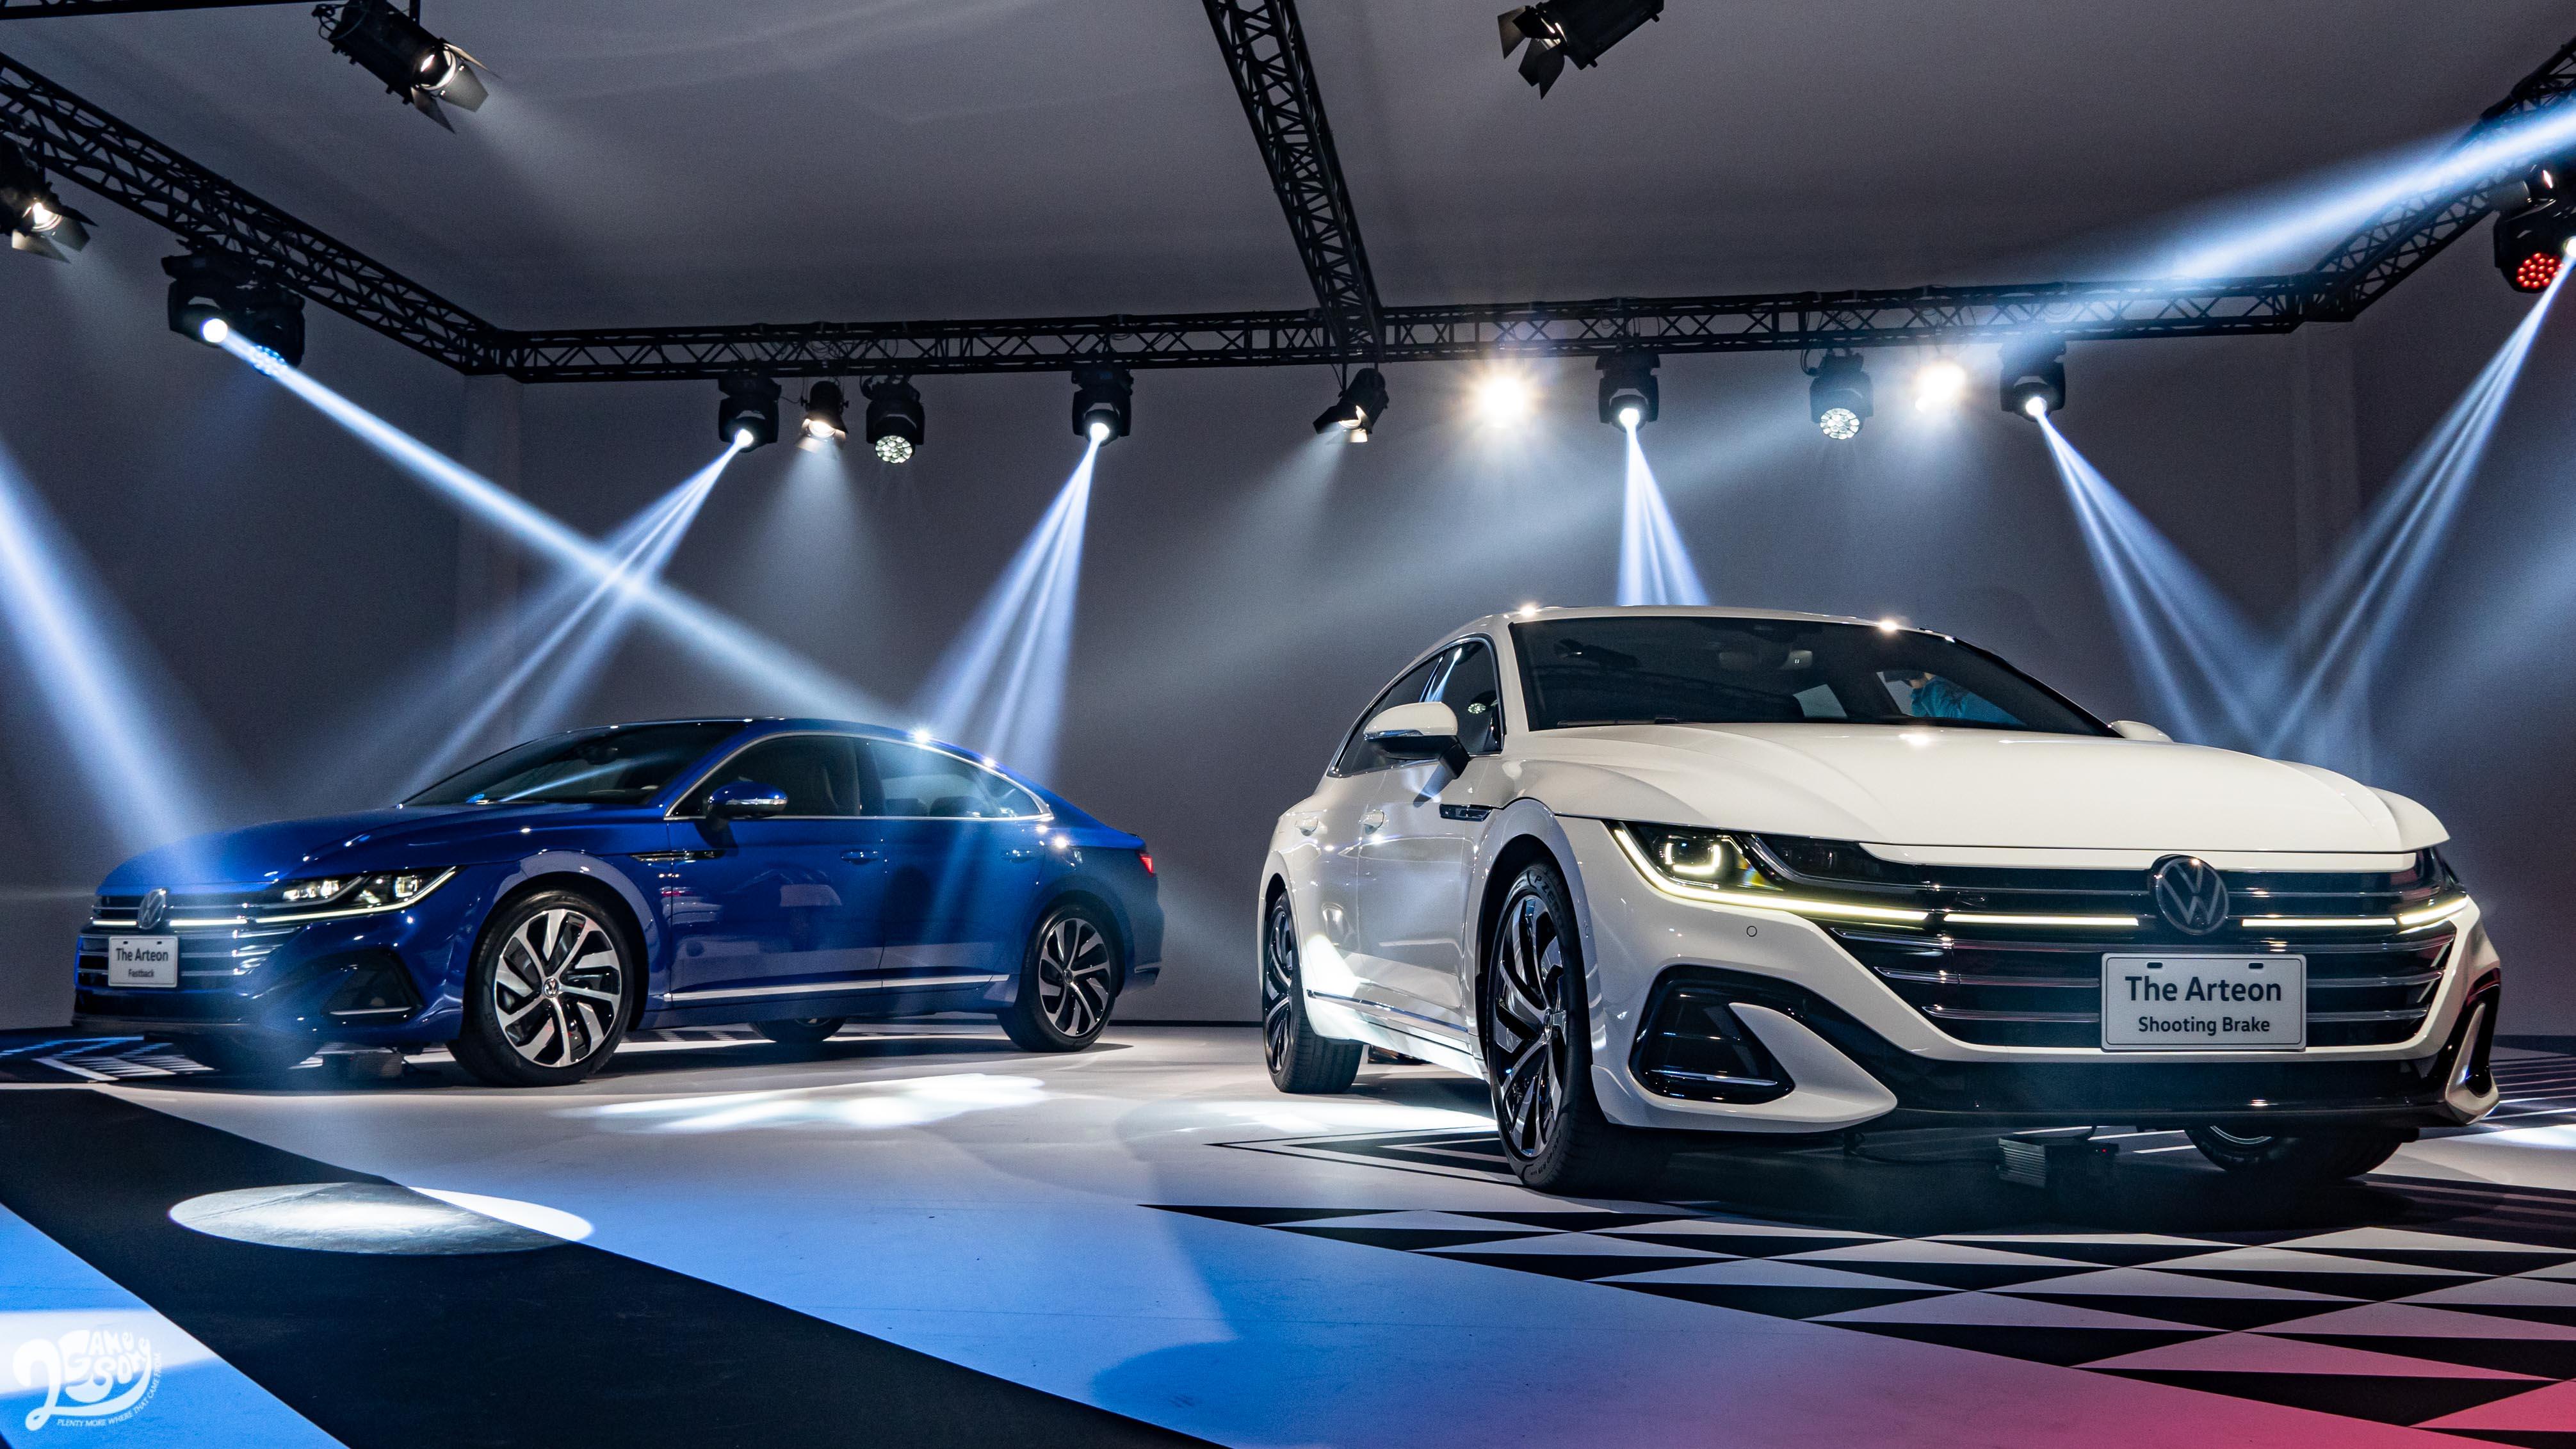 實拍 Volkswagen Arteon 美背雙嬌 七車型預售 149.8 萬起